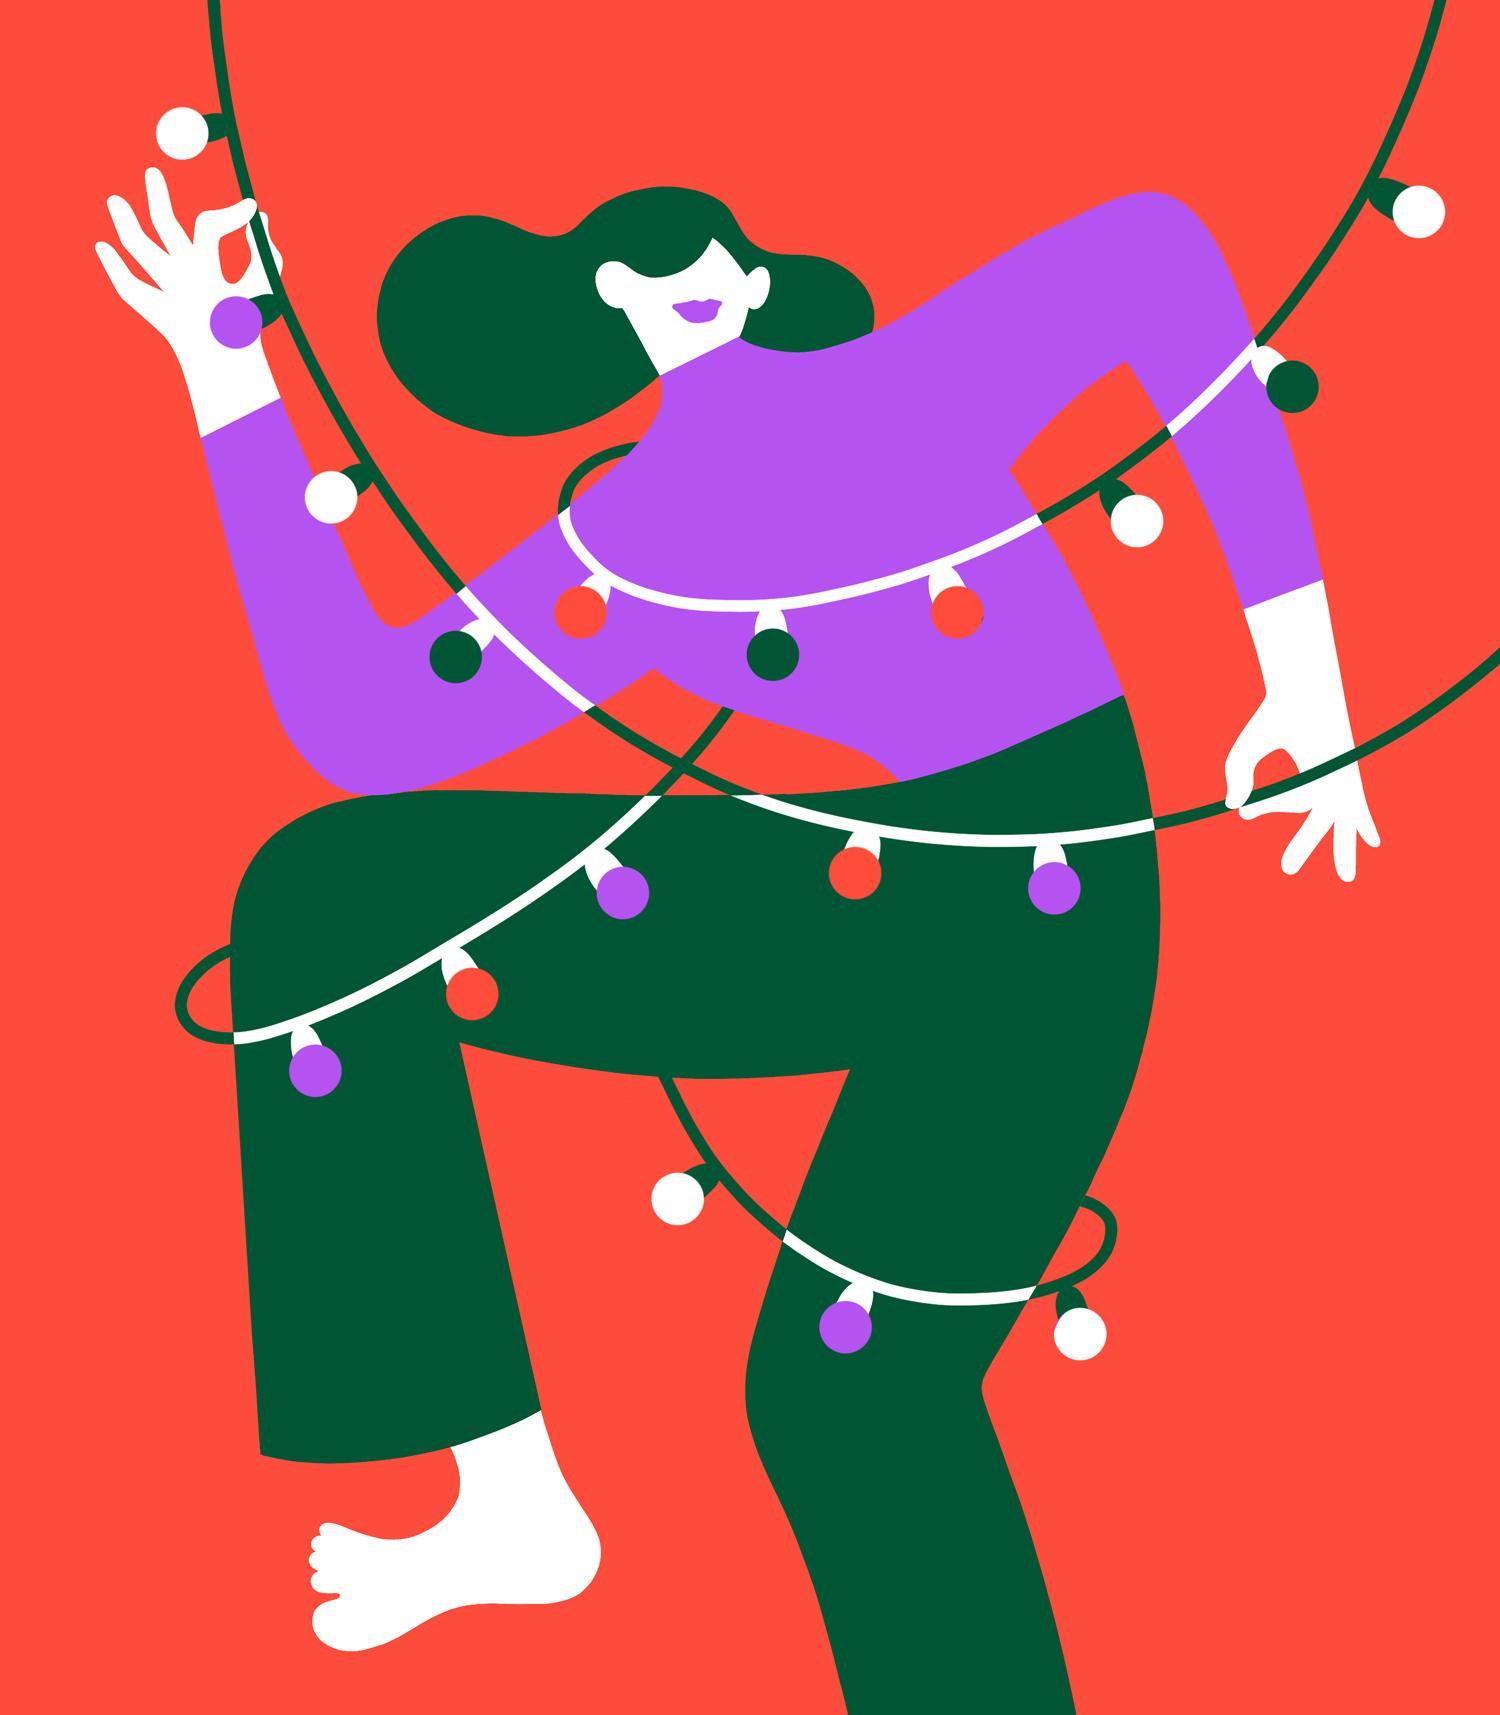 christmas_tree_web_lisategtmeier.jpg